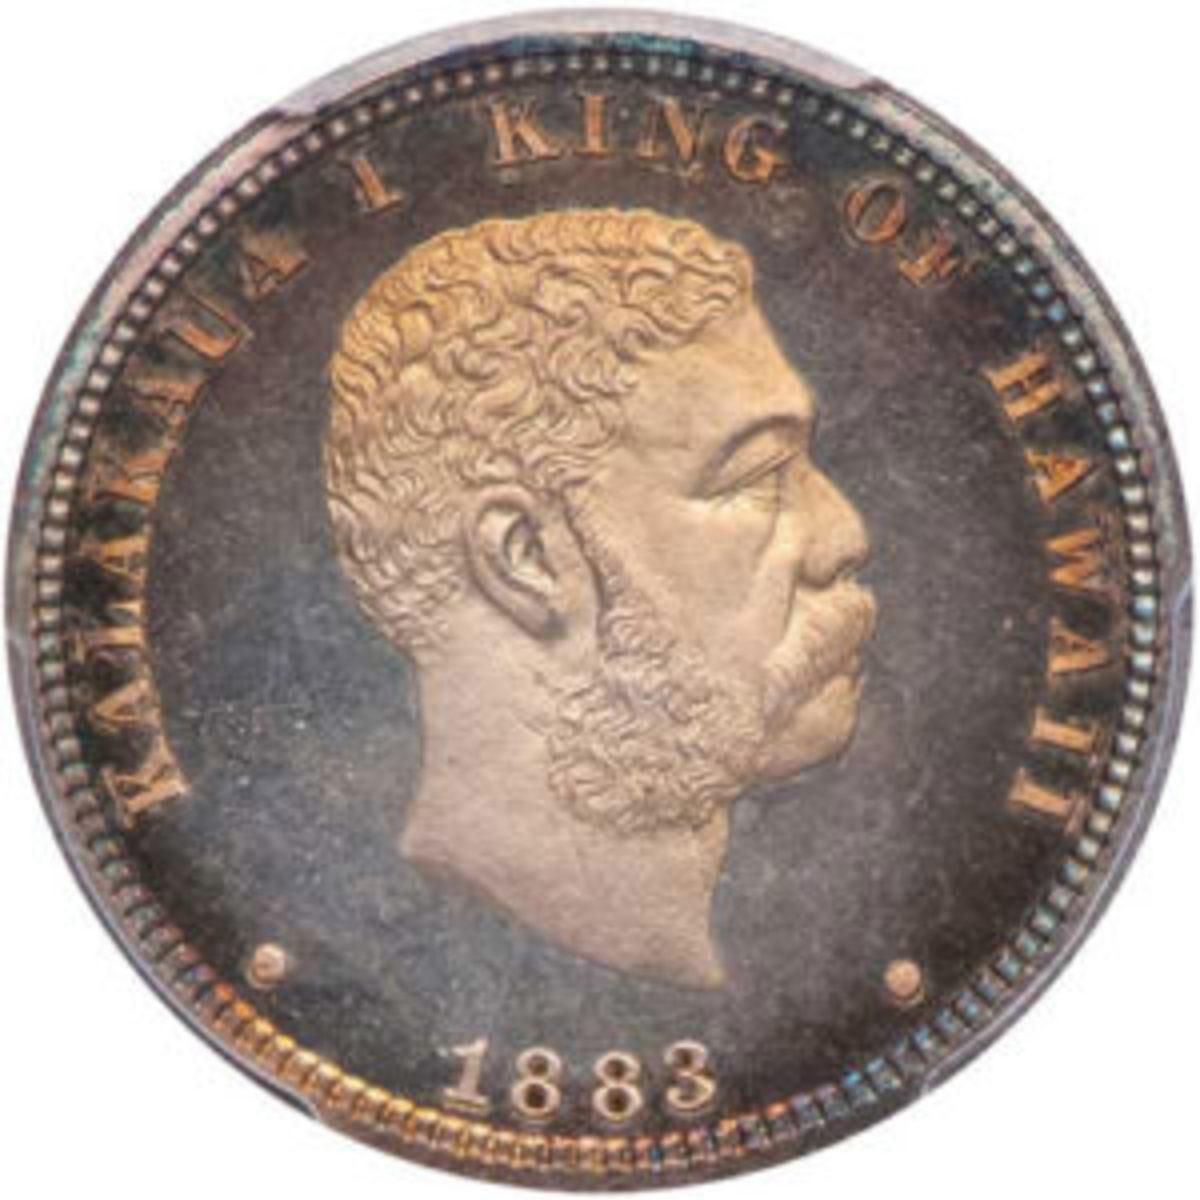 Hawaiian 25 cent